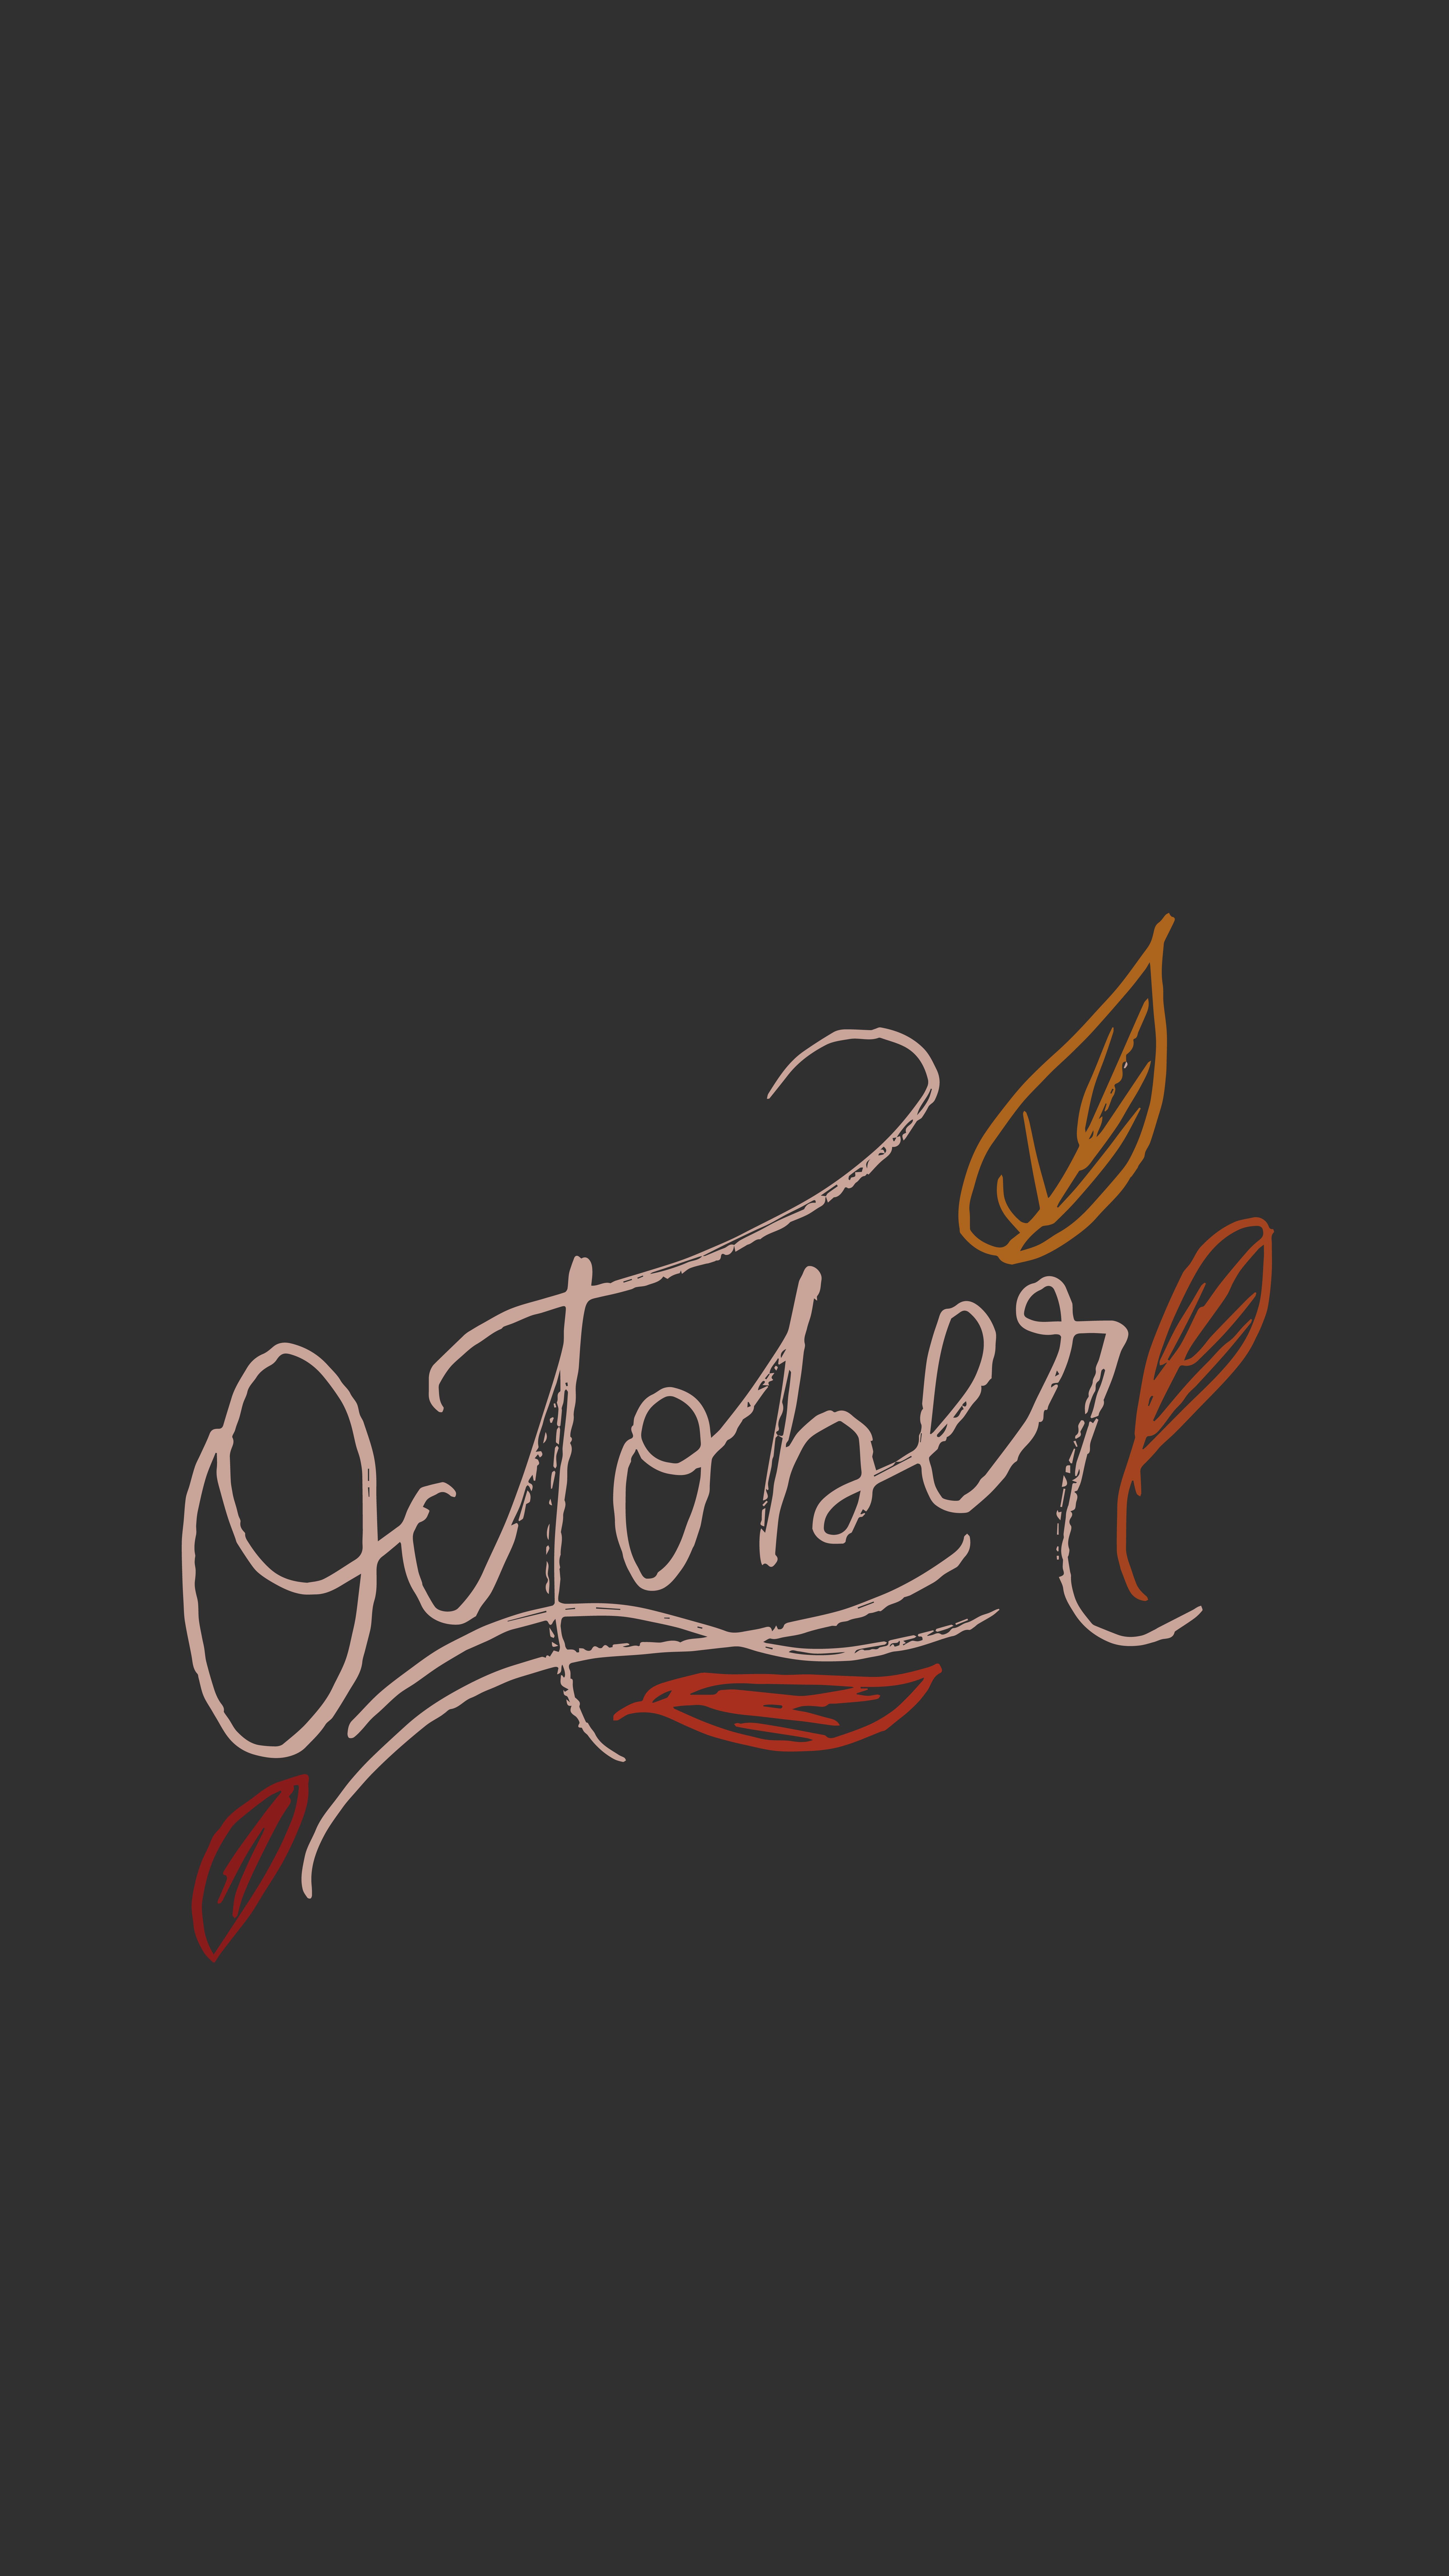 StyldbyGrace_October2018_Wallpapers_OctoberLettering